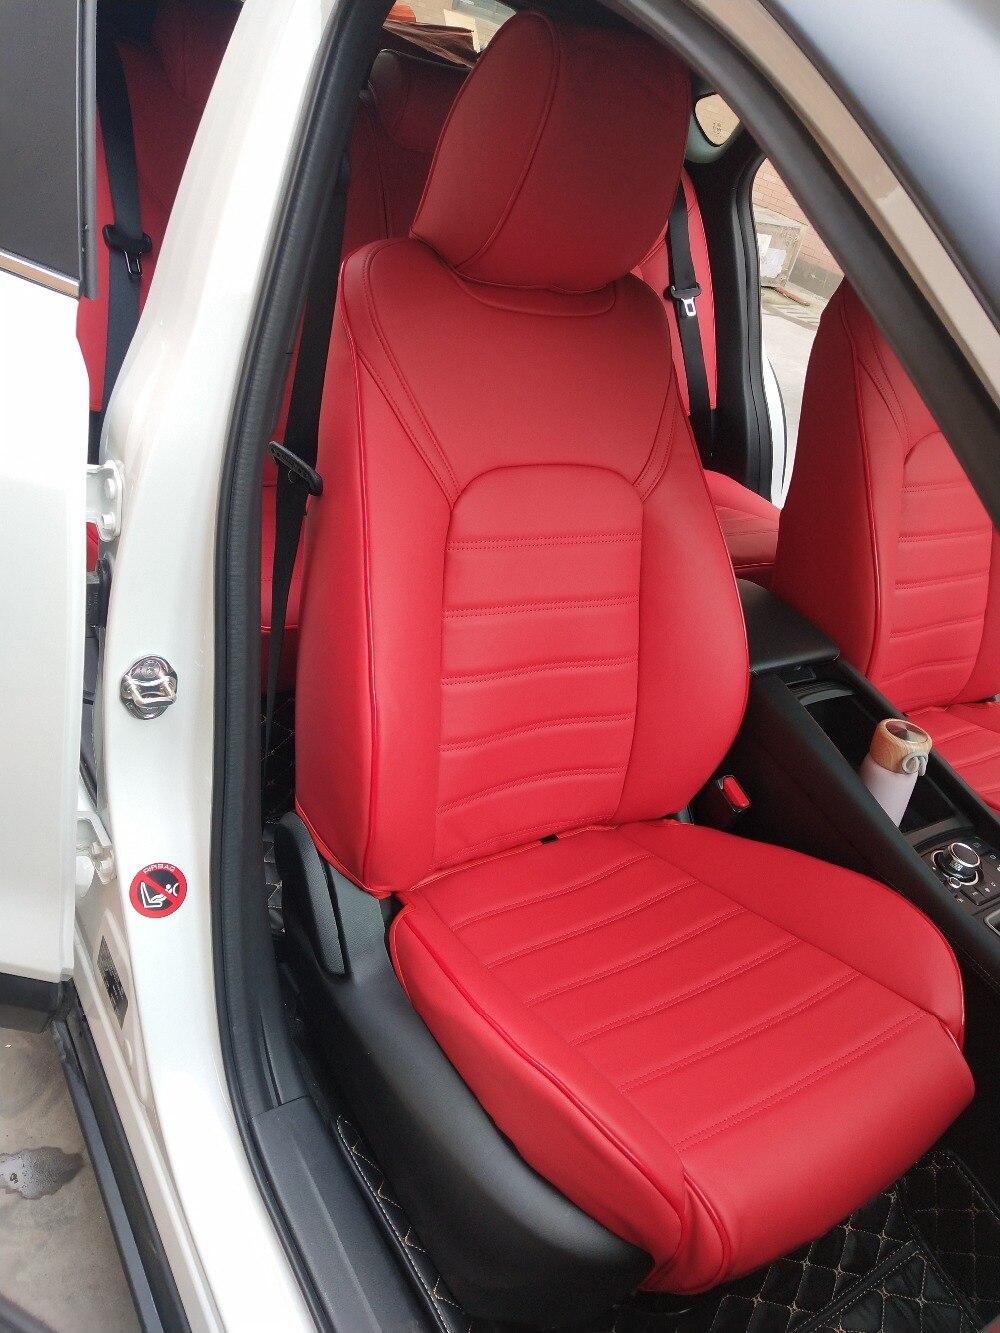 Gewohnheit alle echte echtem Leder auto sitz abdeckung für auto Mercedes Benz ML GLA GLK GLE S E G Klasse auto zubehör auto styling